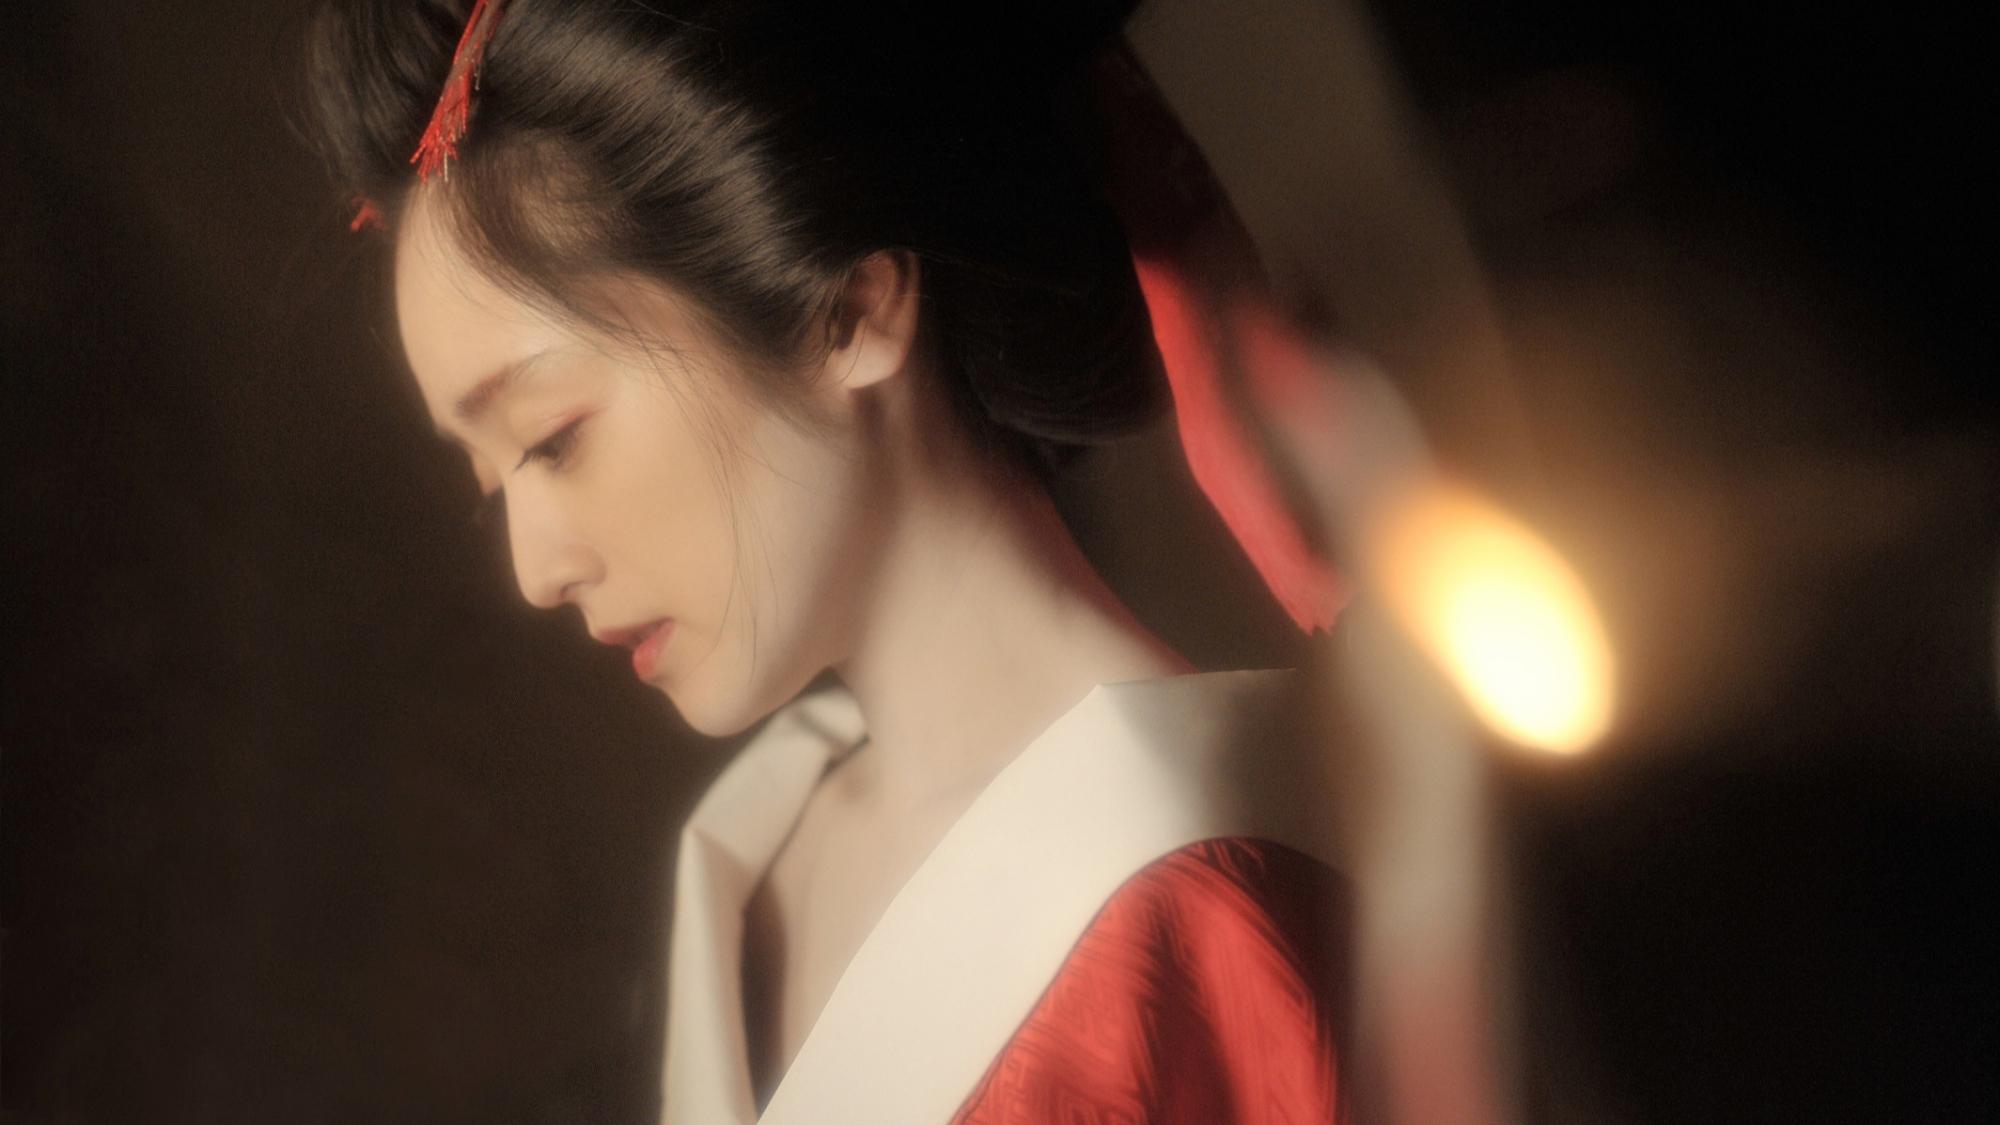 艺伎女孩身体发热,皮肤就会开出花朵,日本电影《花宵道中》